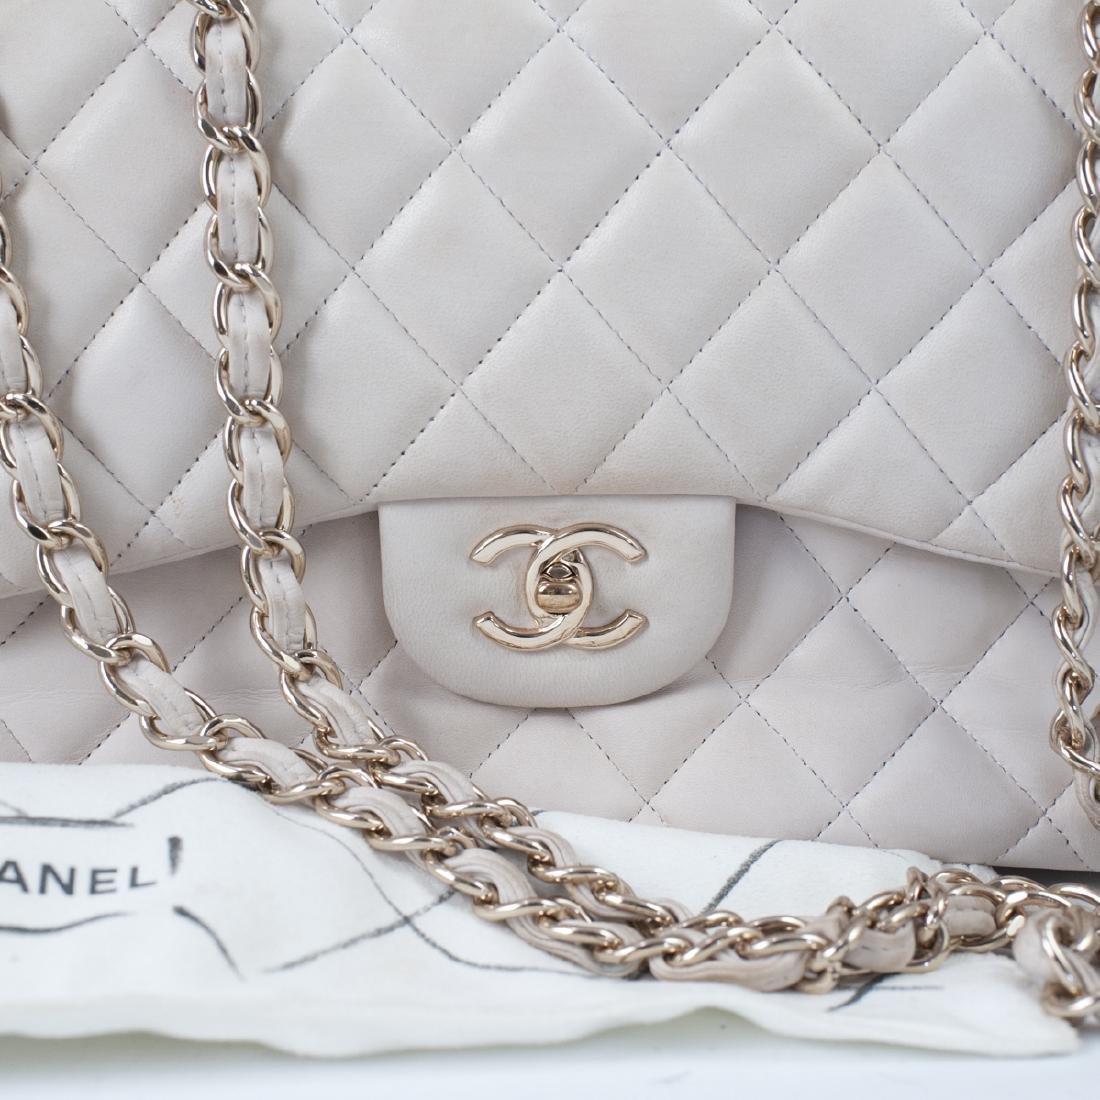 Chanel Light Beige Calfskin Flap Bag - 4